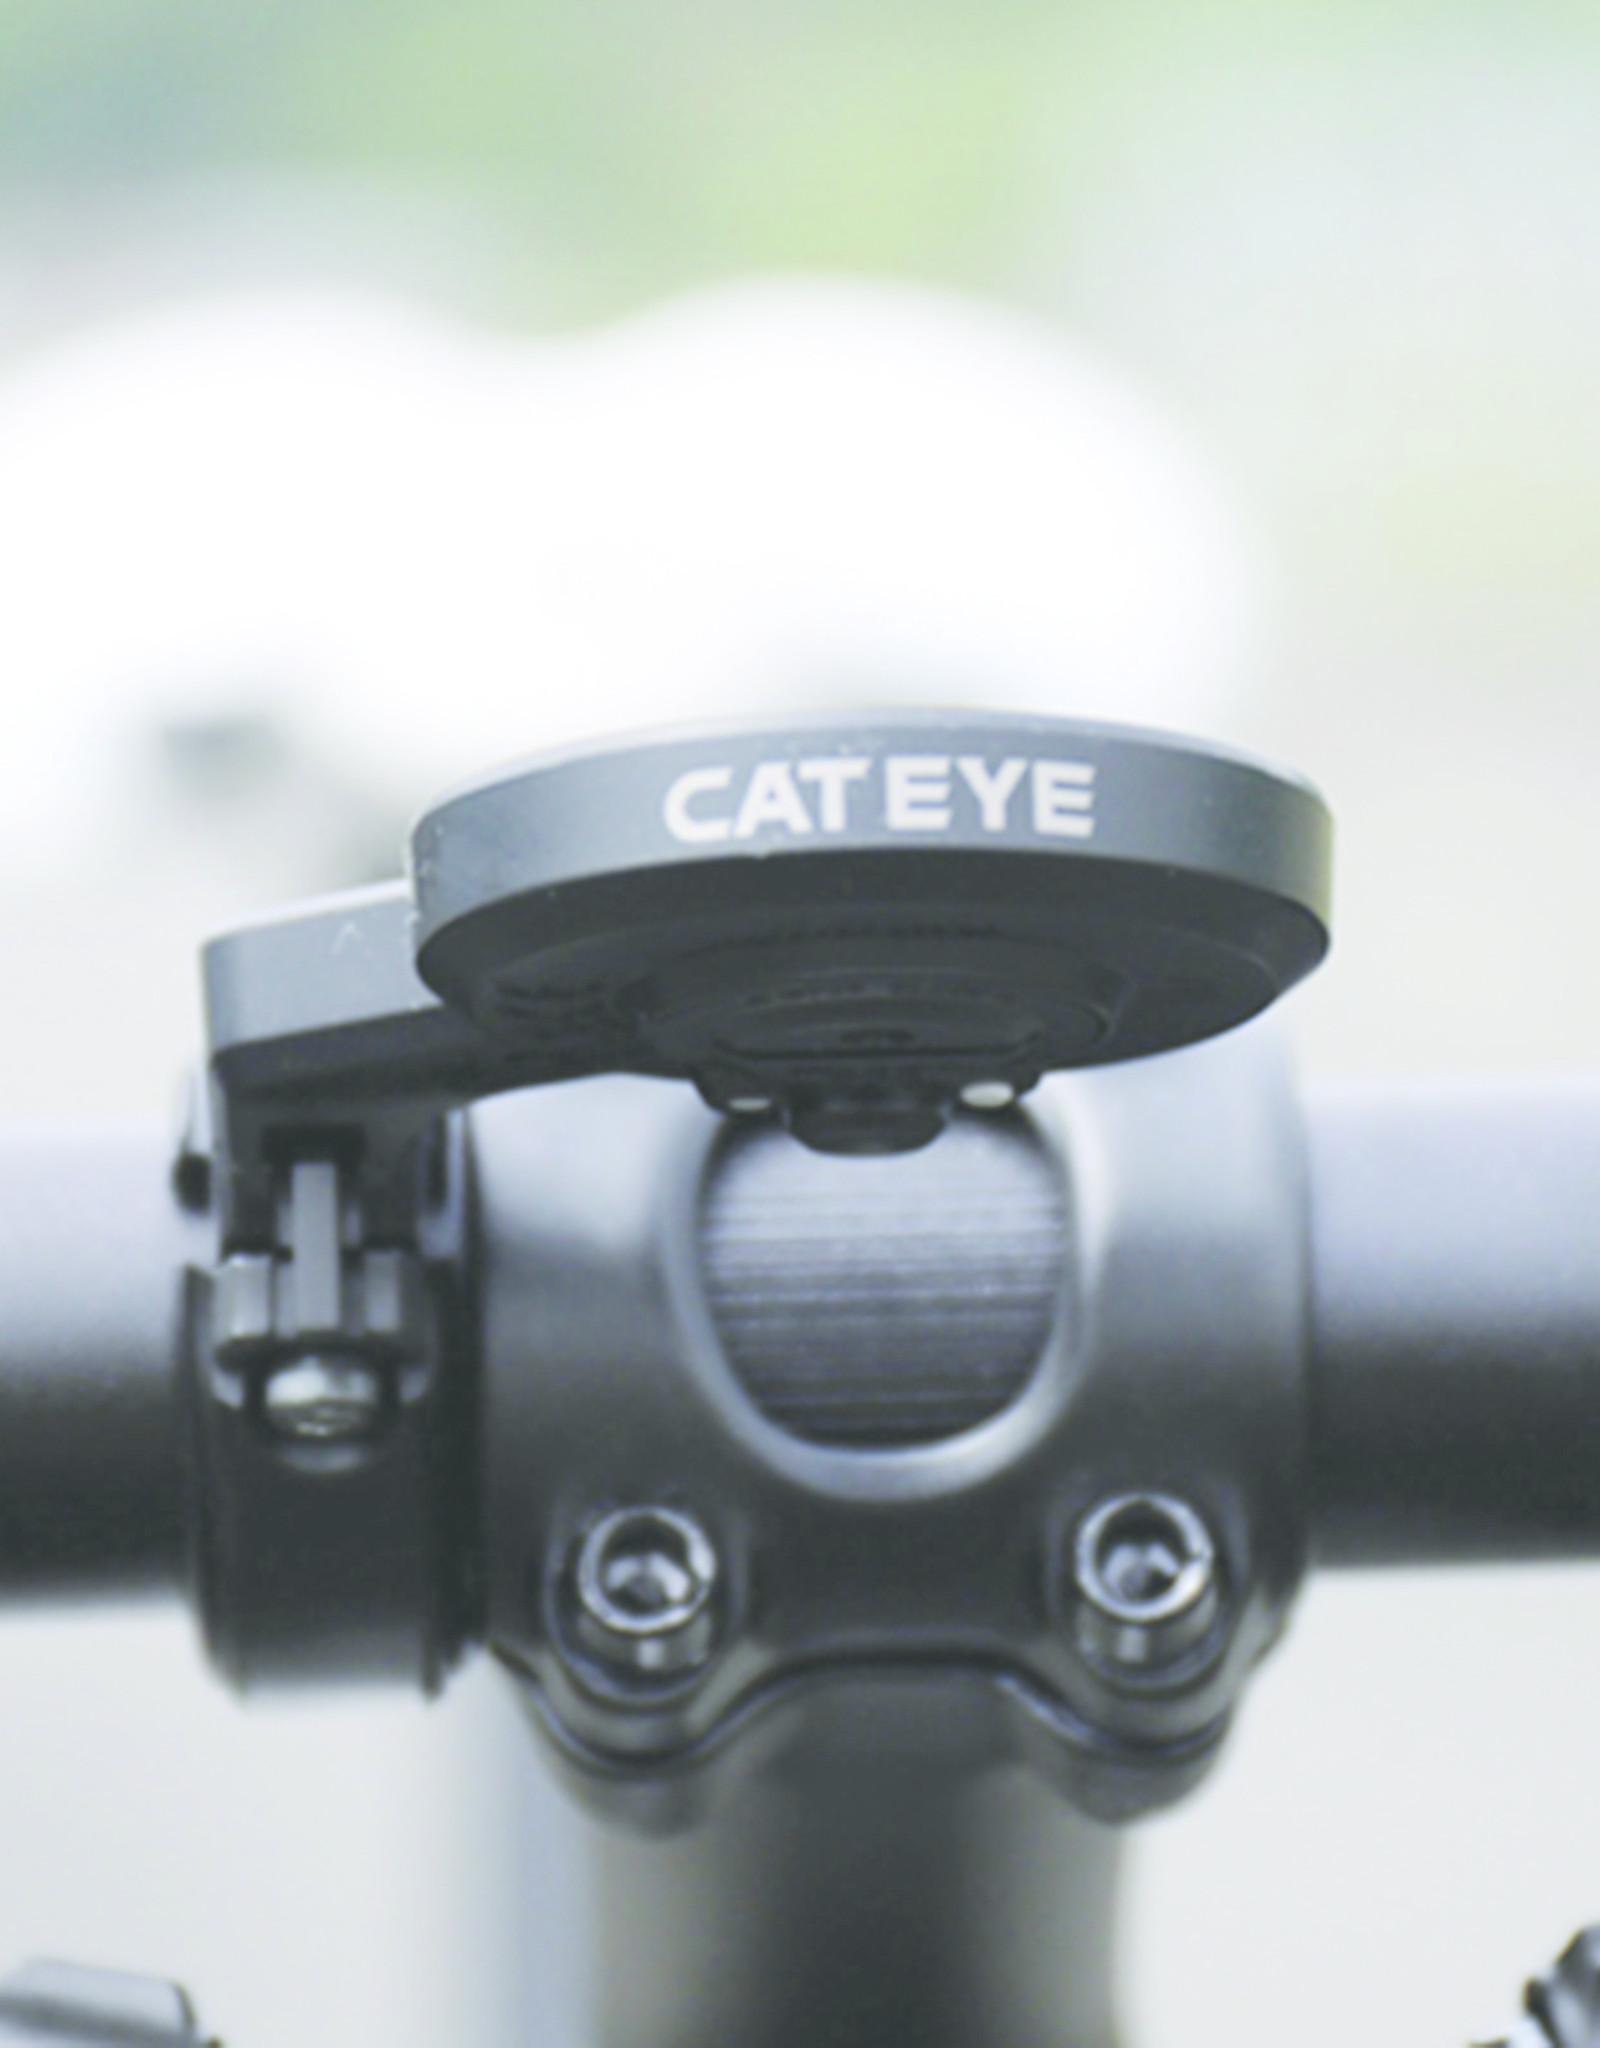 Cat Eye CatEye, Quick, Cyclomètre, GPS: Non, Cardio: Non, Cadence: Non, Noir